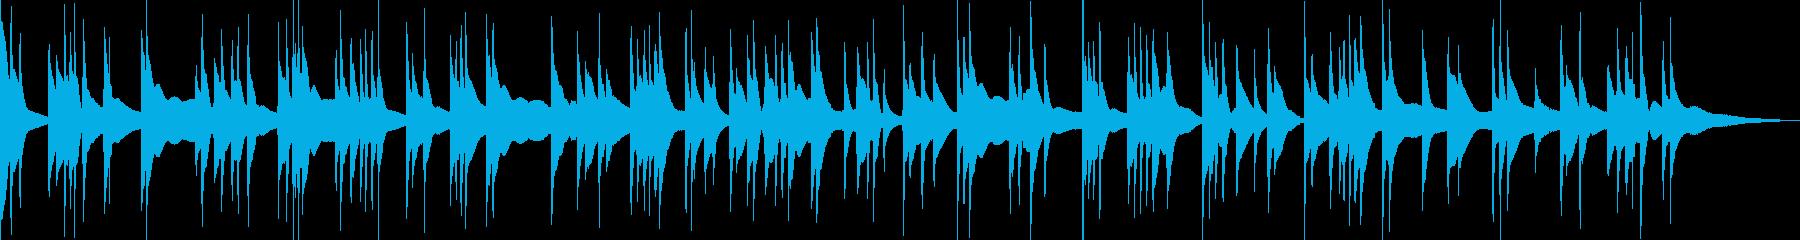 渋いアコースティックベースソロ曲の再生済みの波形